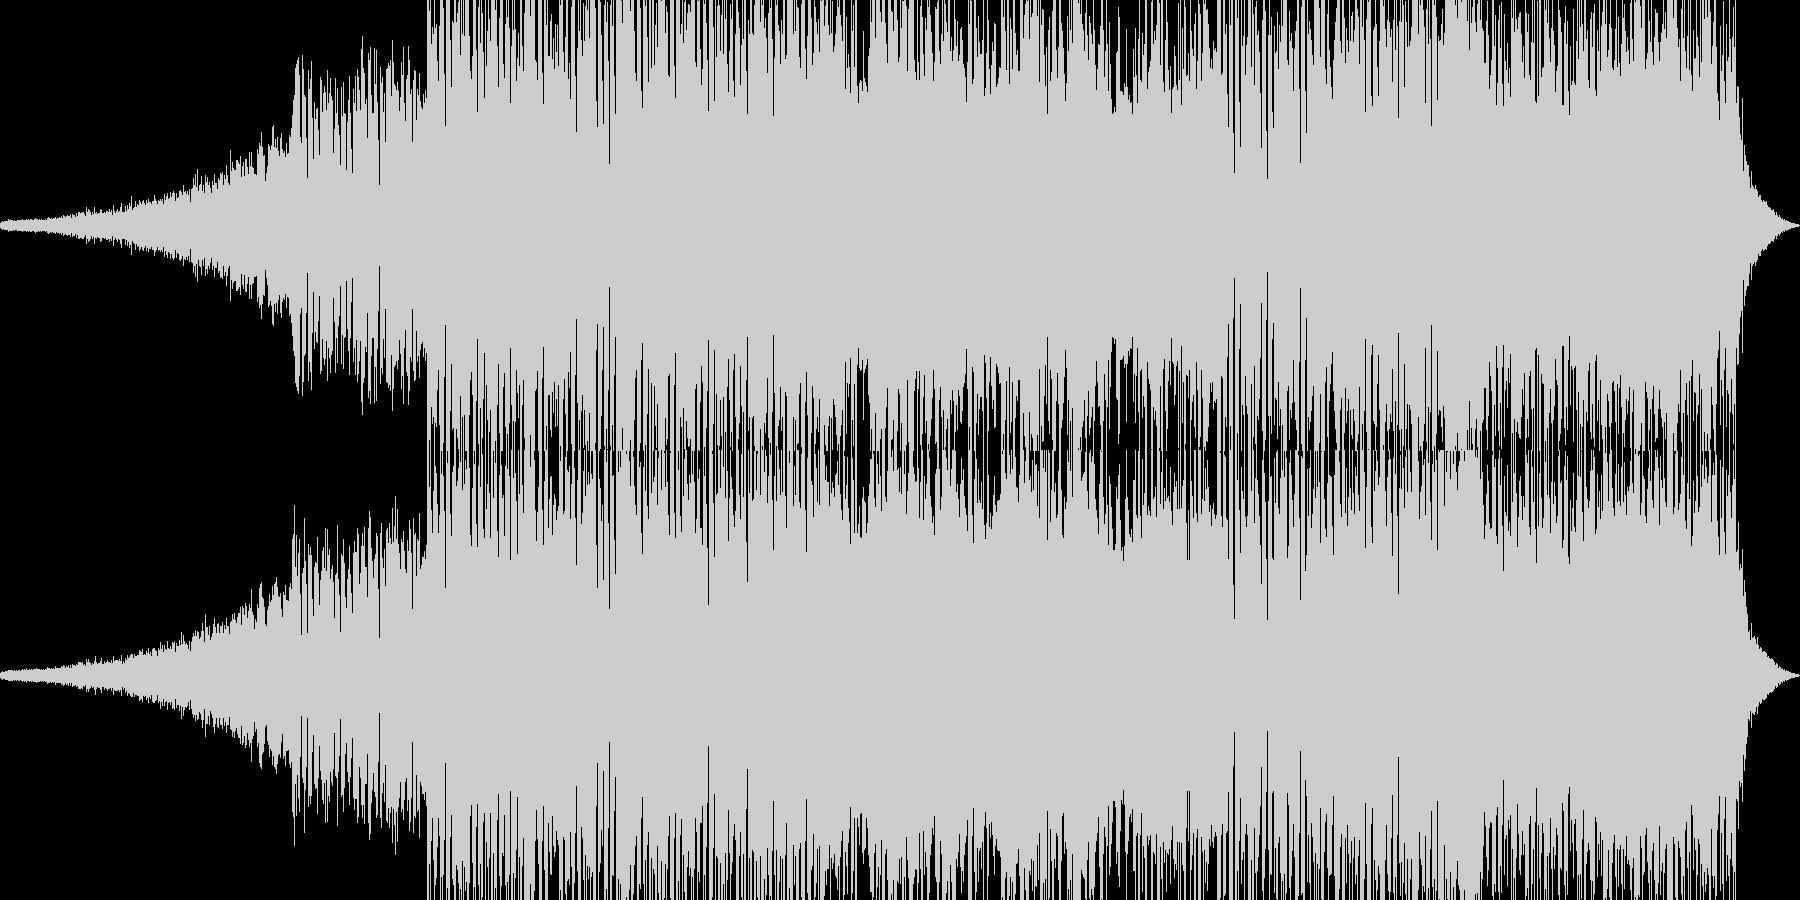 壮絶なバトルが始まる前のBGM Aの未再生の波形